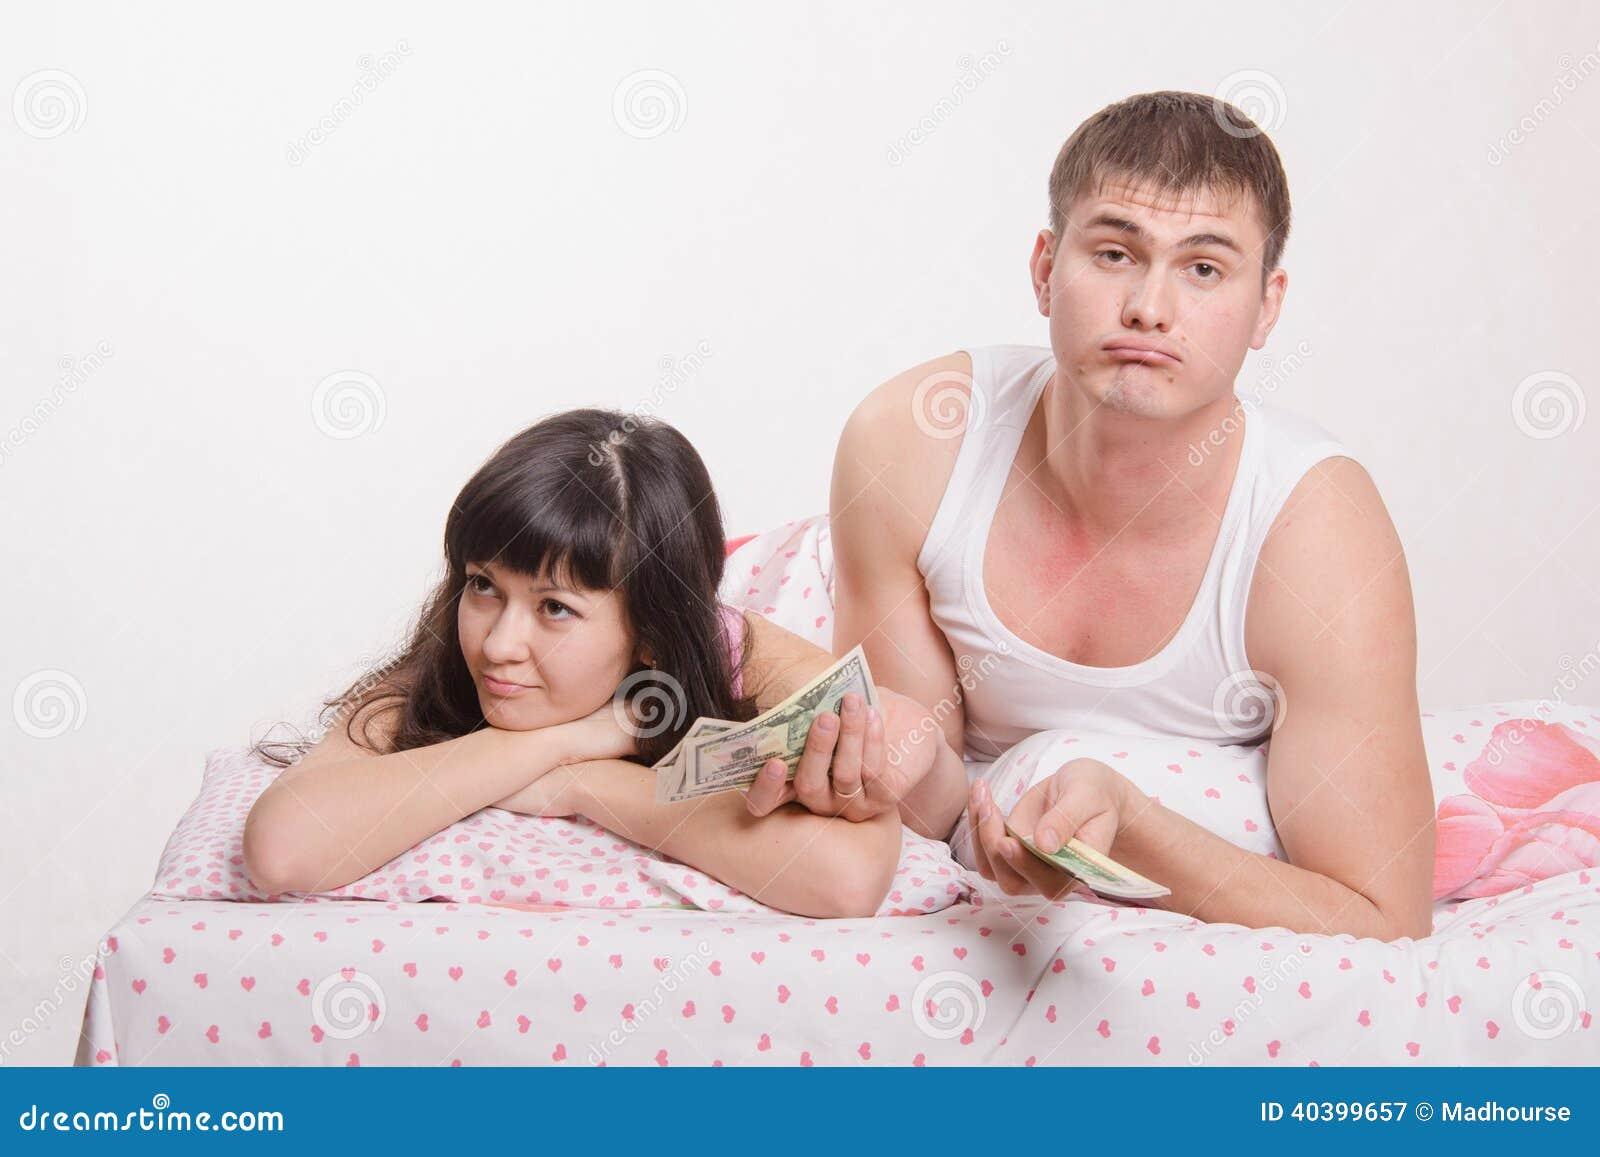 Удовлетворить попку жены, Жена предложила мужу анал ради новизны ощущений 28 фотография